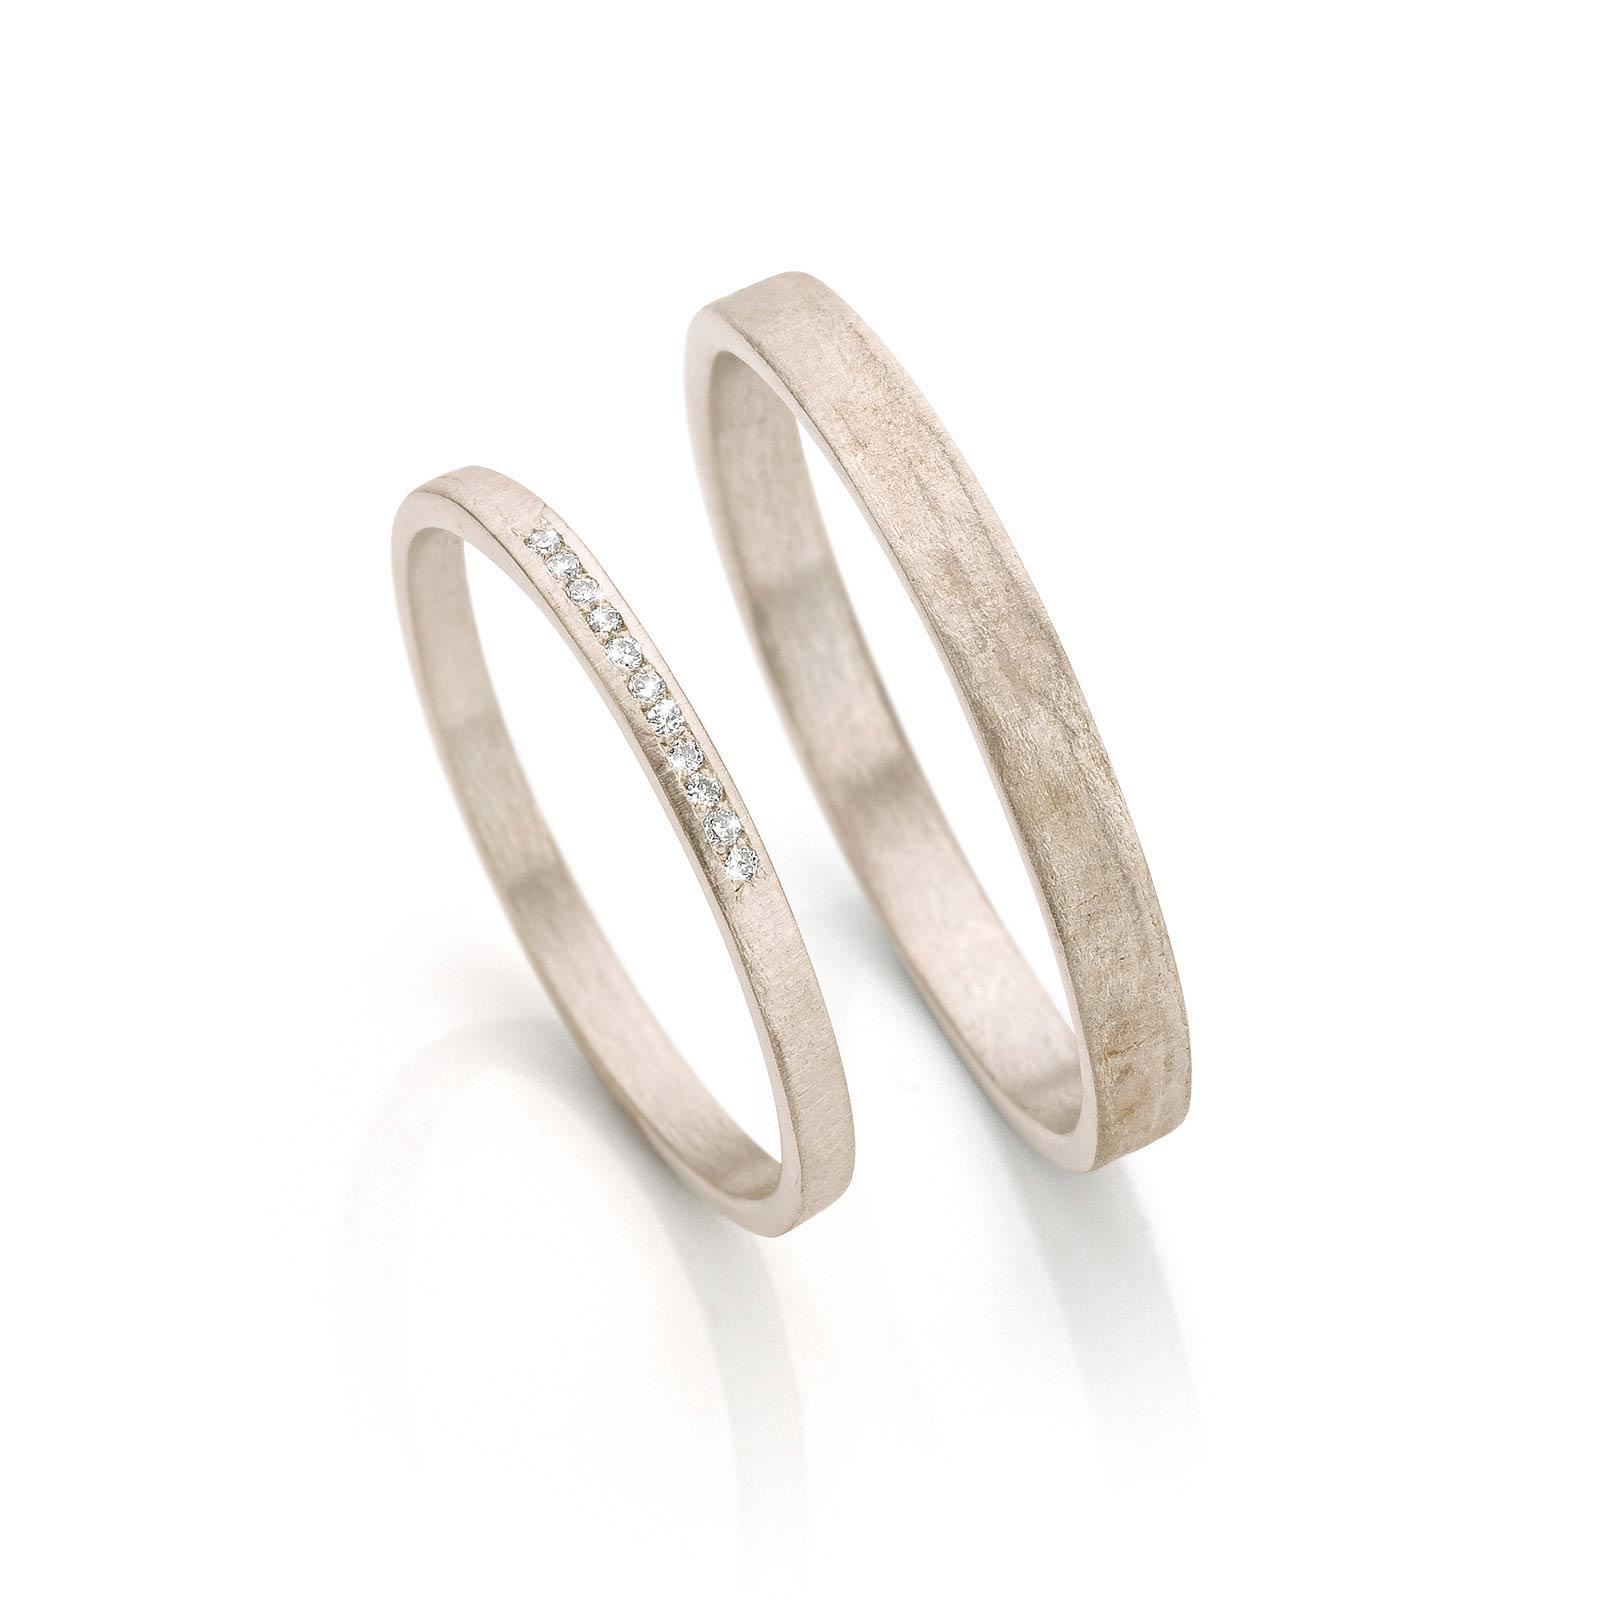 White gold wedding rings N° 054_6